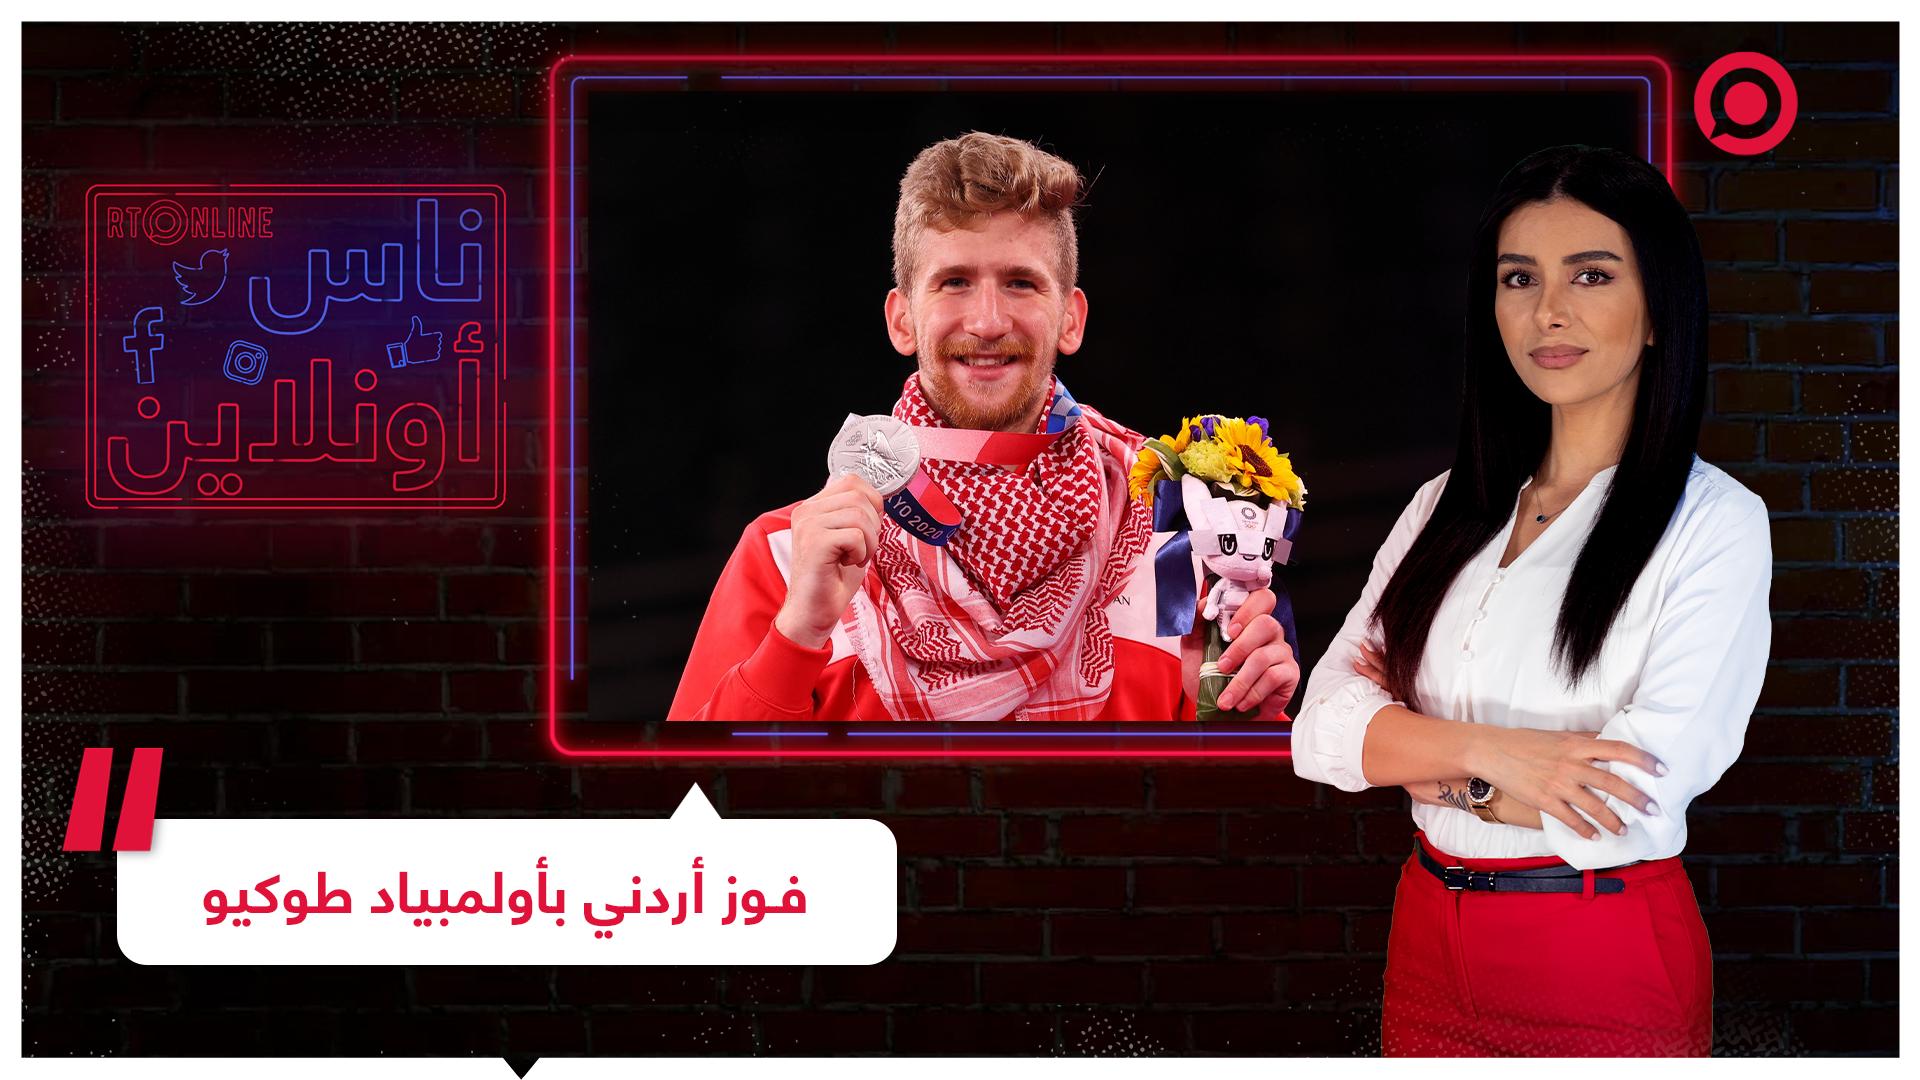 #الأردن #أولمبياد #طوكيو #صالح_الشرباتي